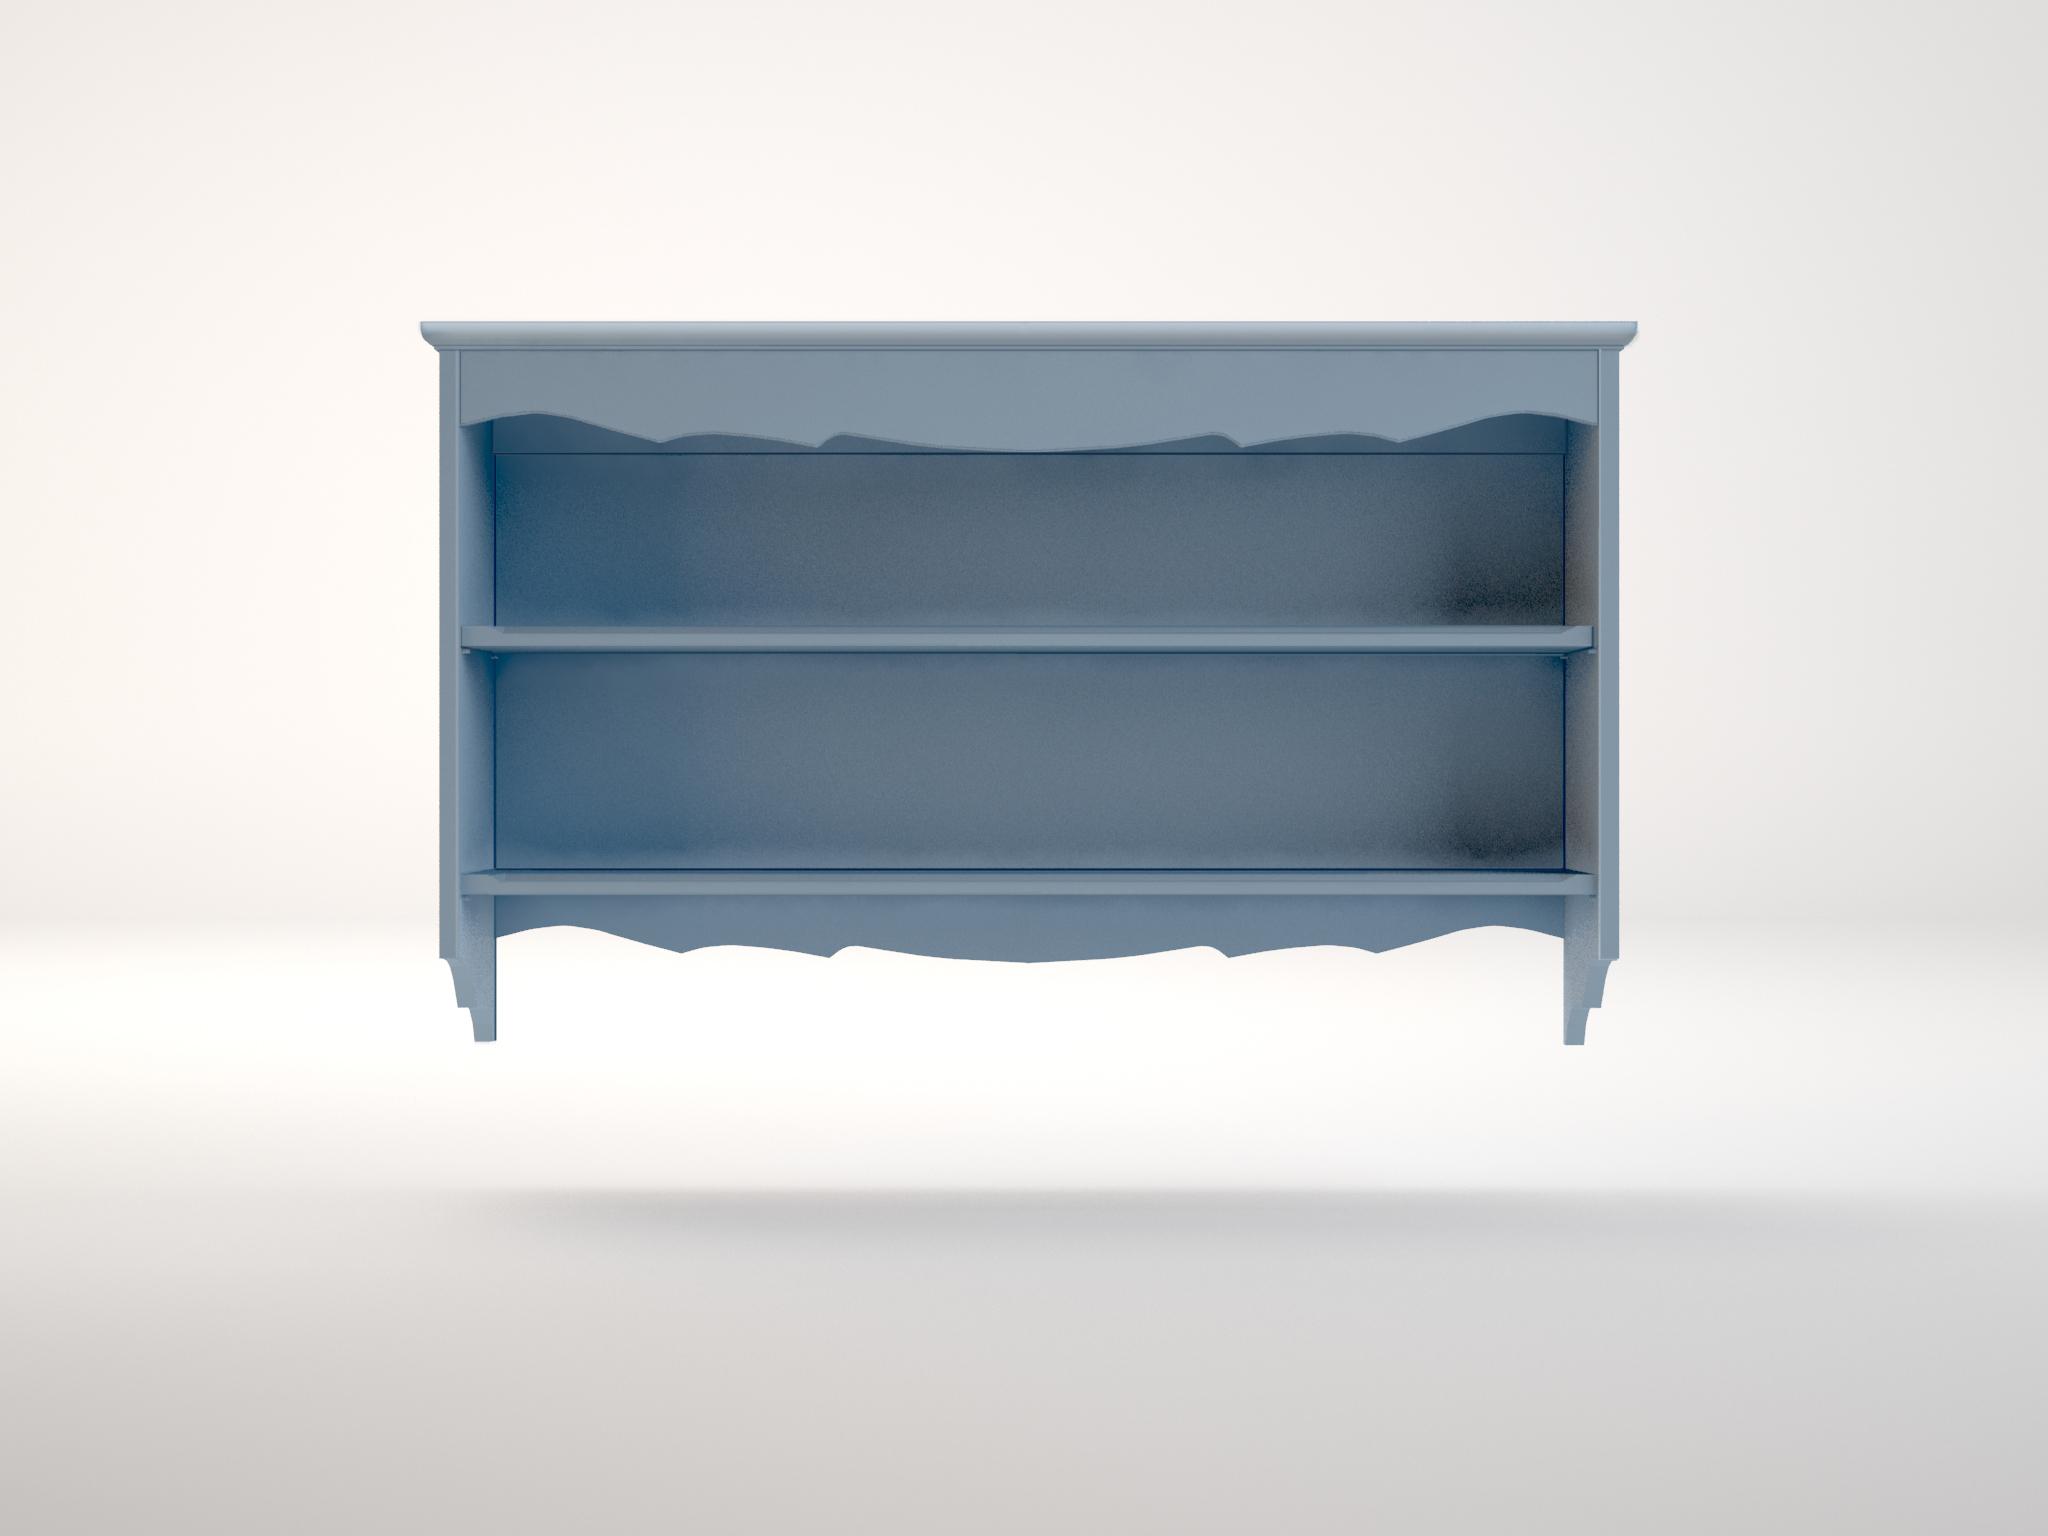 Полка голубая LeontinaПолки<br><br><br>Material: Береза<br>Width см: 123<br>Depth см: 23<br>Height см: 75